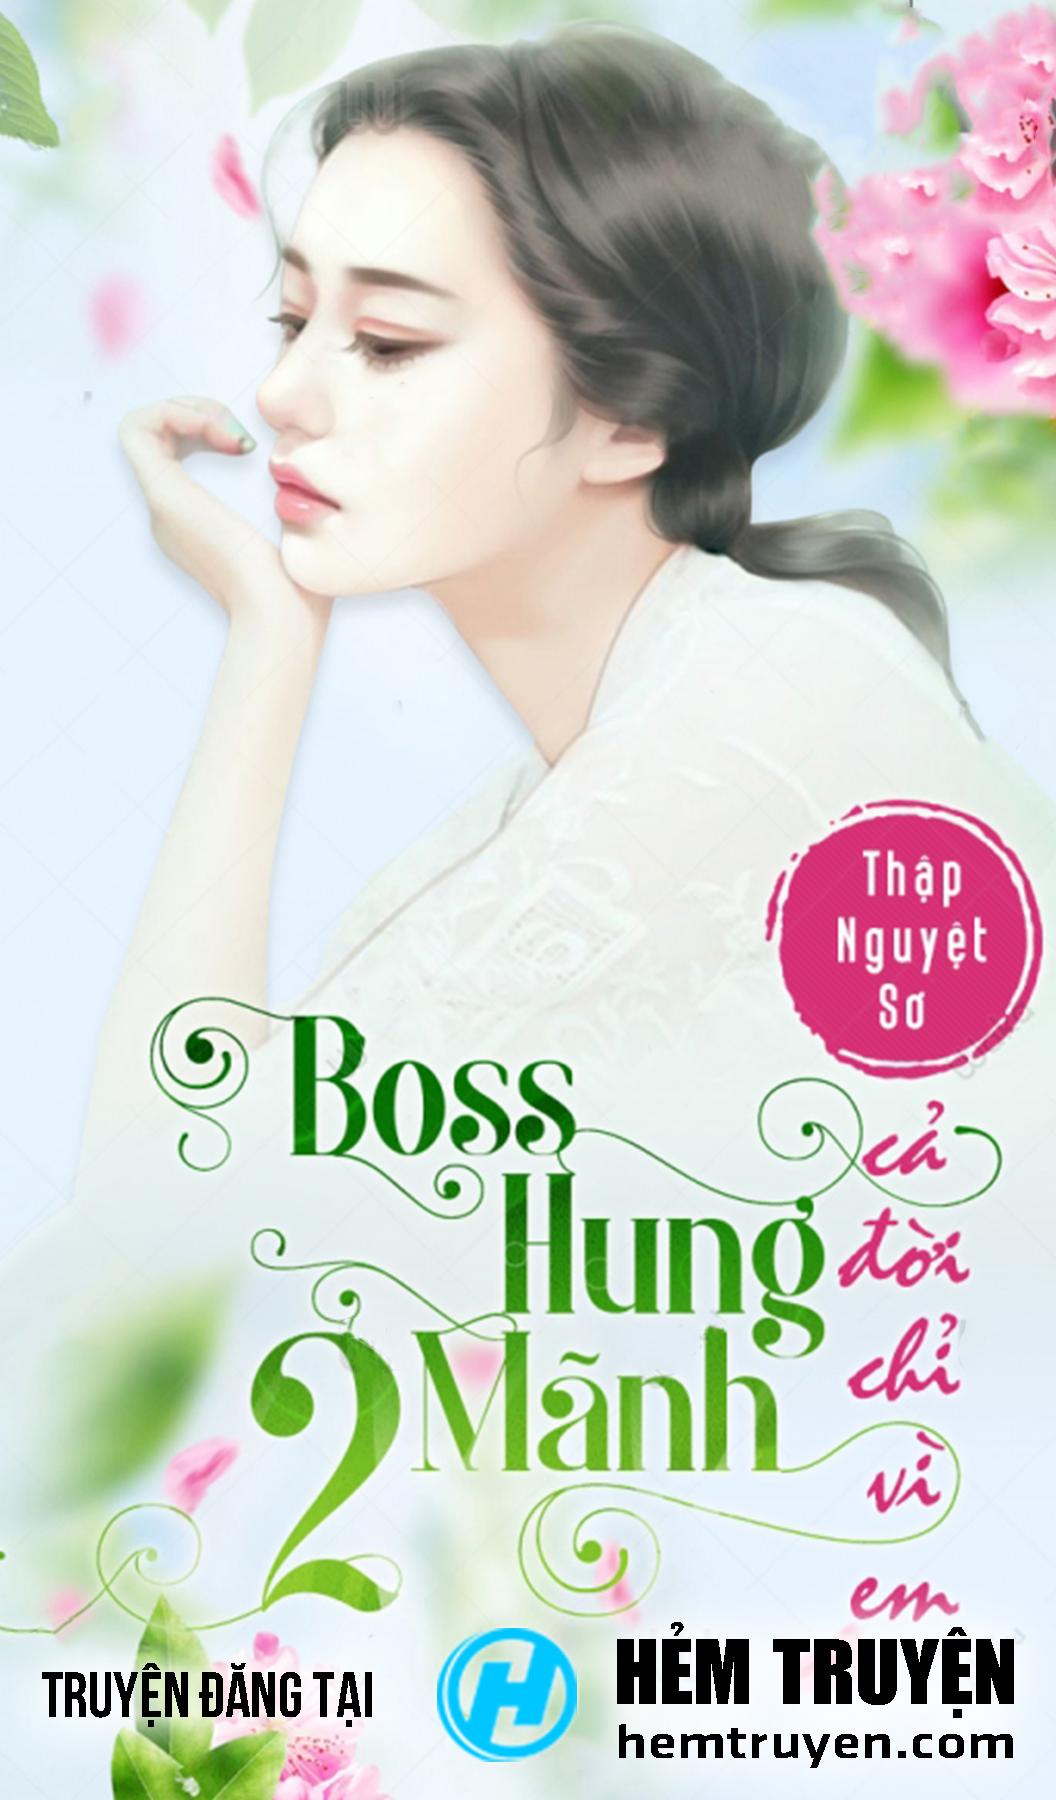 Đọc truyện Boss Hung Mãnh 2: Cả Đời Chỉ Vì Em của Thập Nguyệt Sơ trên HEMTRUYEN.COM